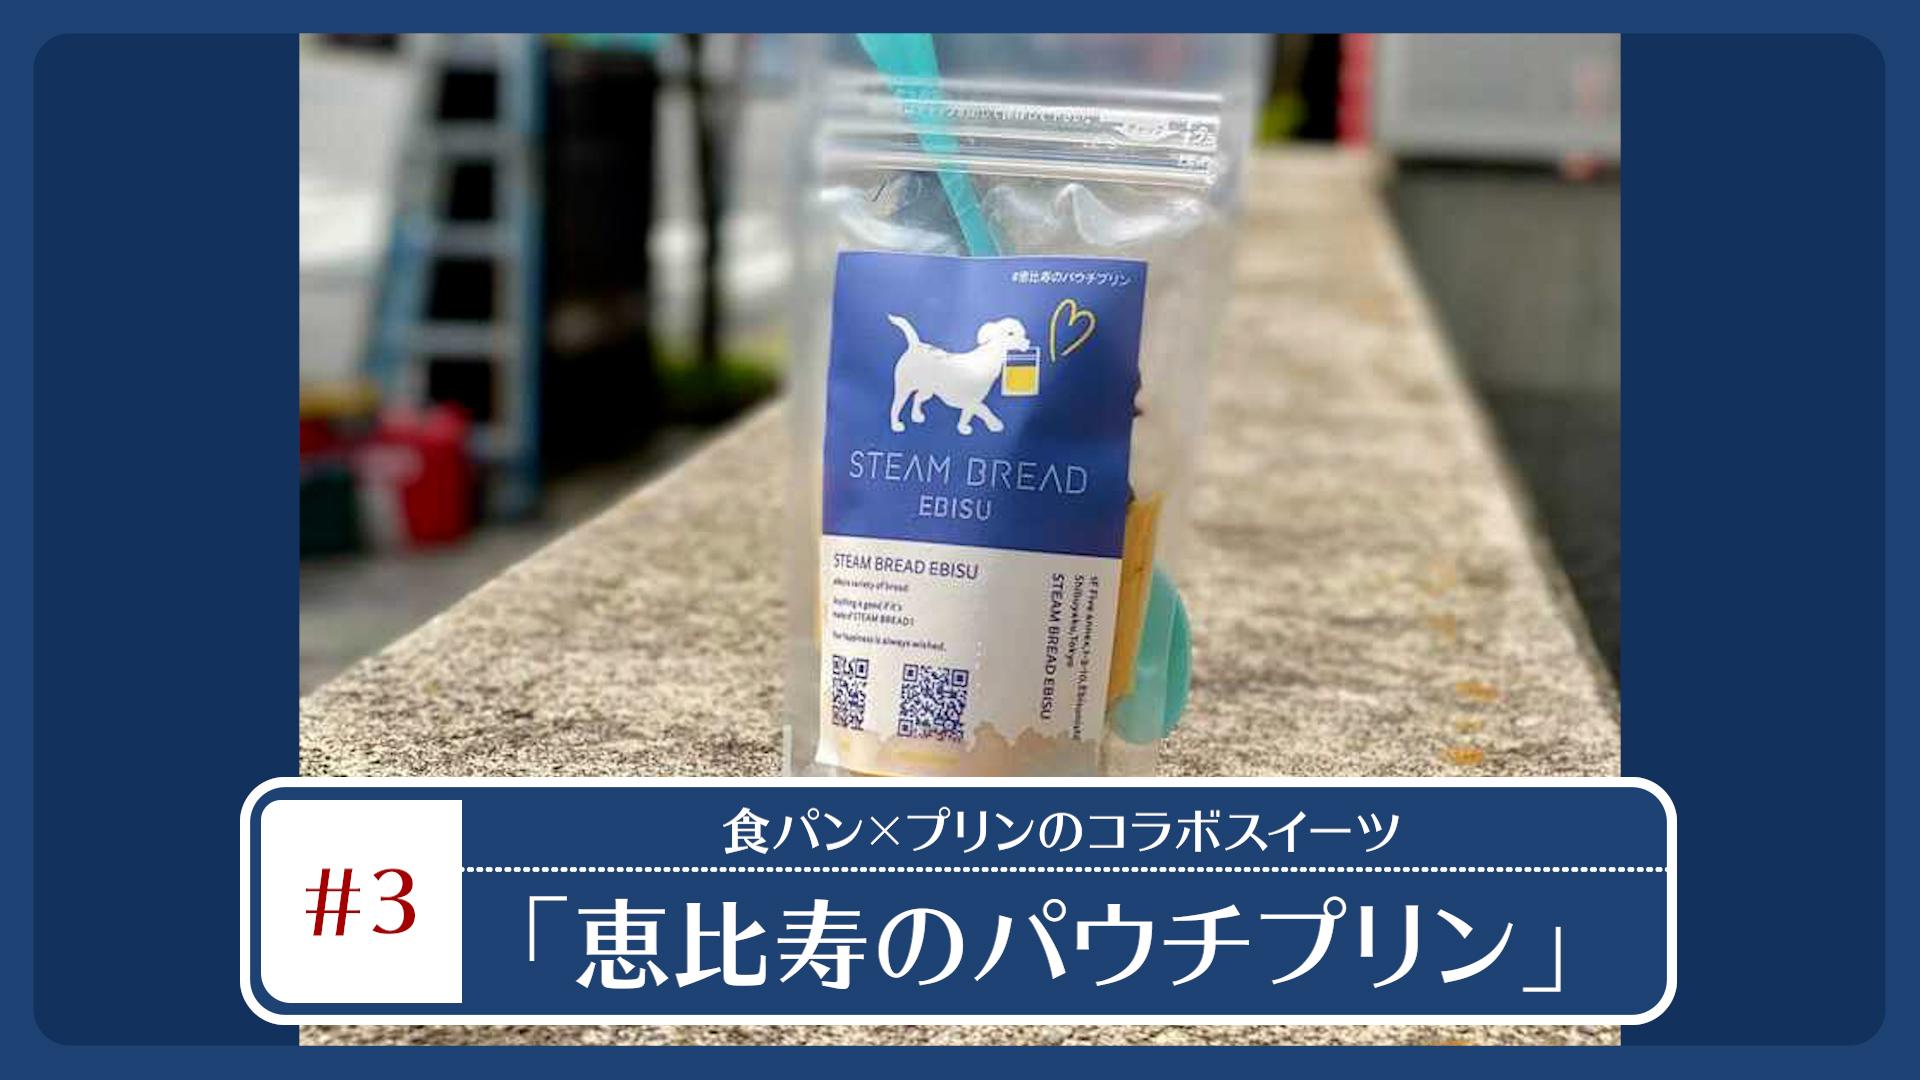 恵比寿のスチーム生食パン専門店「STEAM BREAD EBISU」に、新感覚の「#恵比寿のパウチプリン」が登場!